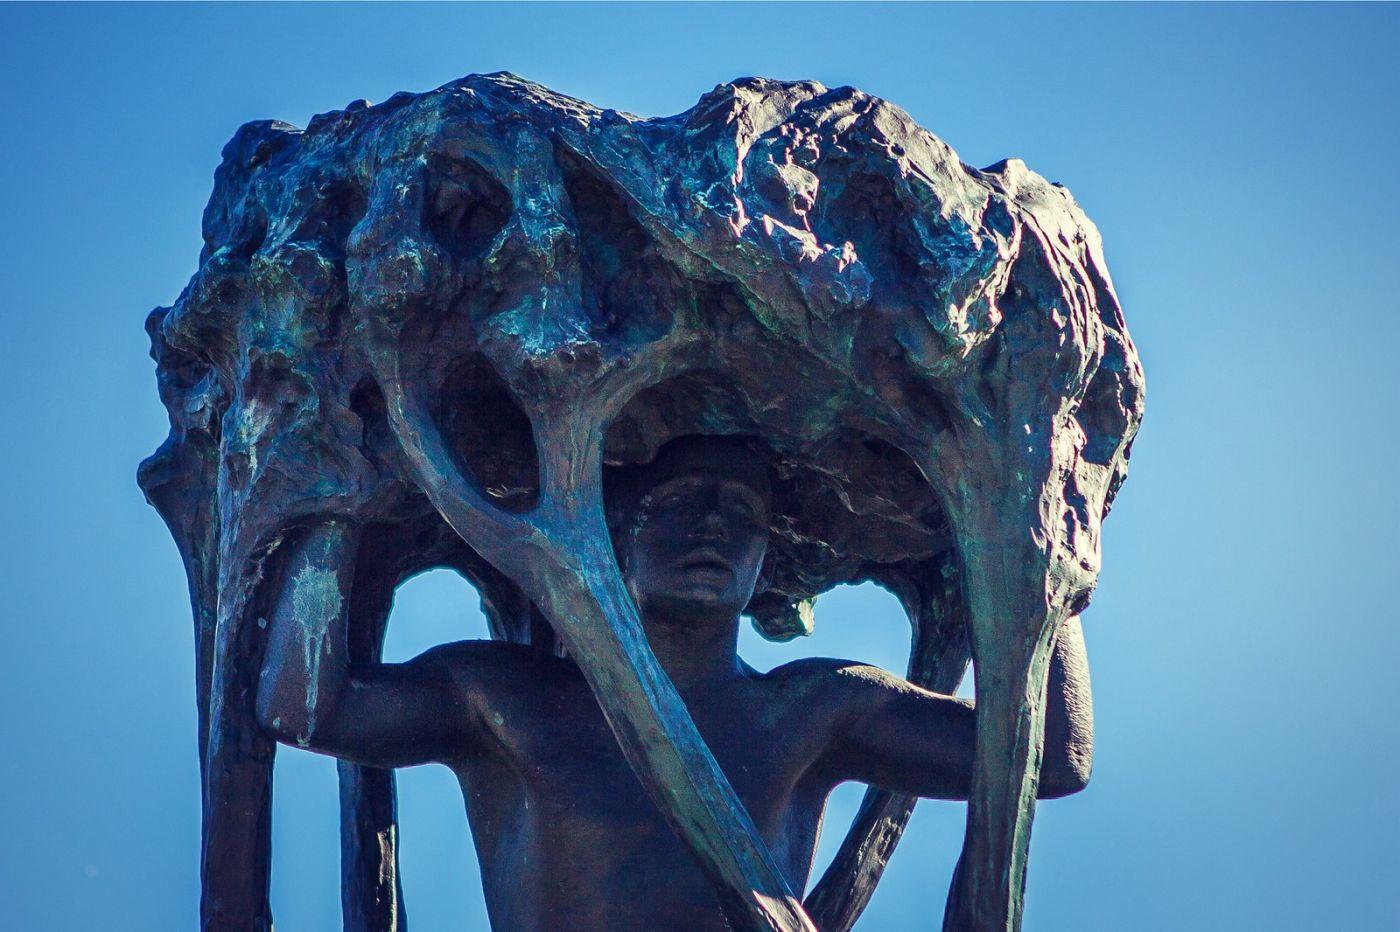 挪威维格兰雕塑公园,风格明显_图1-40